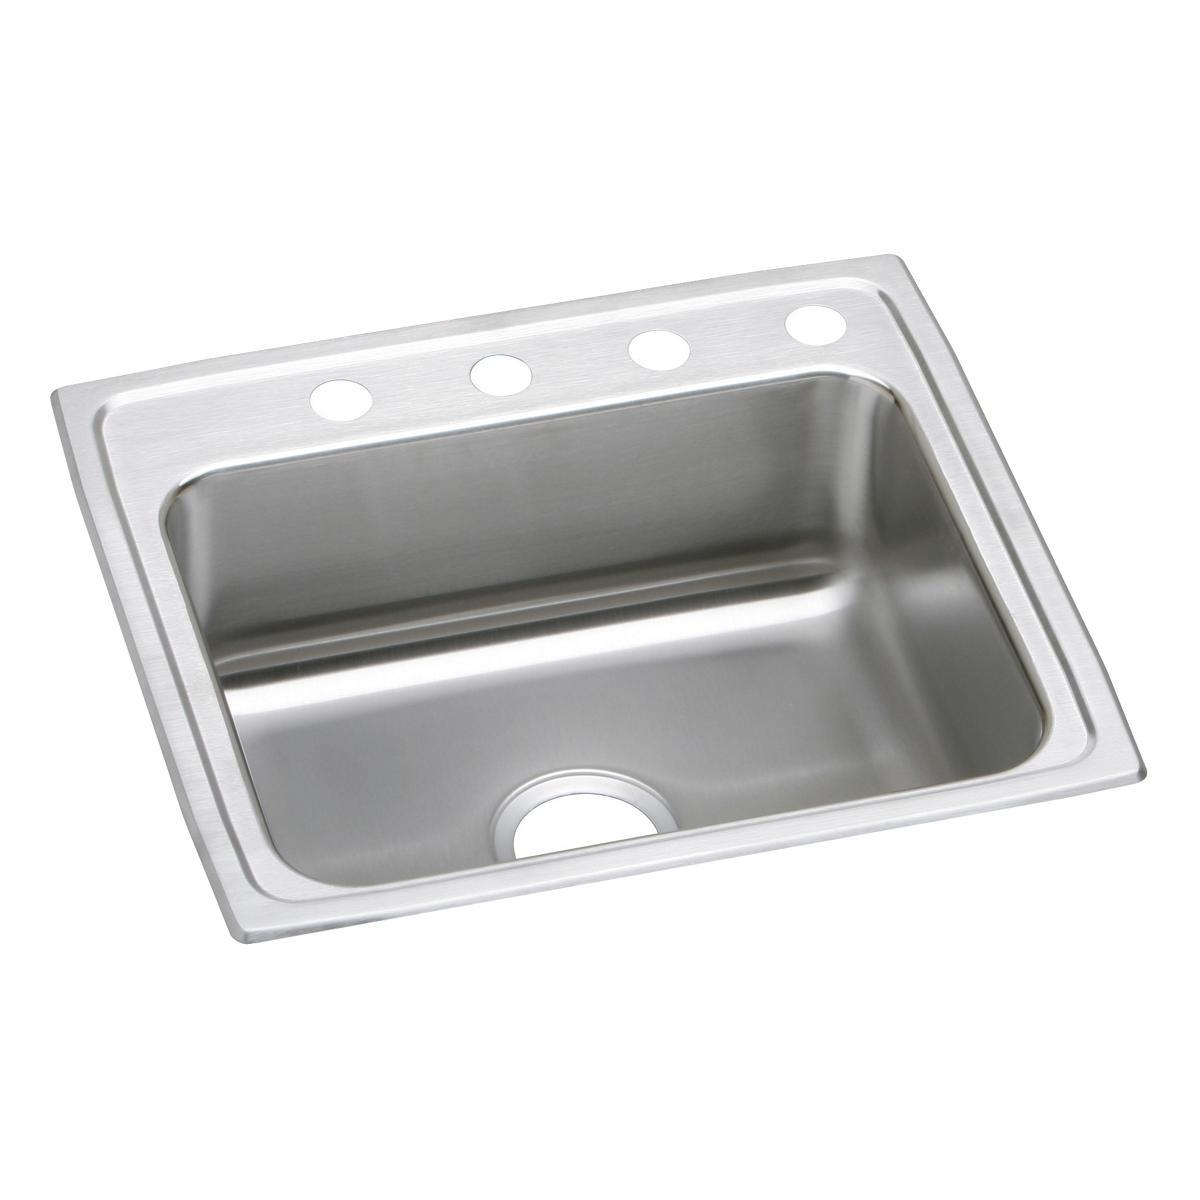 """Elkay Lustertone Classic Stainless Steel 25"""" X 21-1/4"""" X 5-1/2"""", Single Bowl Drop-in ADA Sink"""